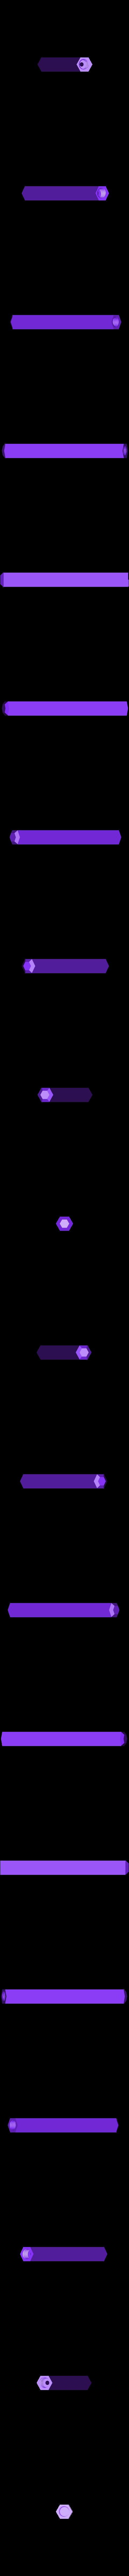 Body.stl Télécharger fichier STL gratuit Stylo à bille simple • Modèle pour impression 3D, Aravon